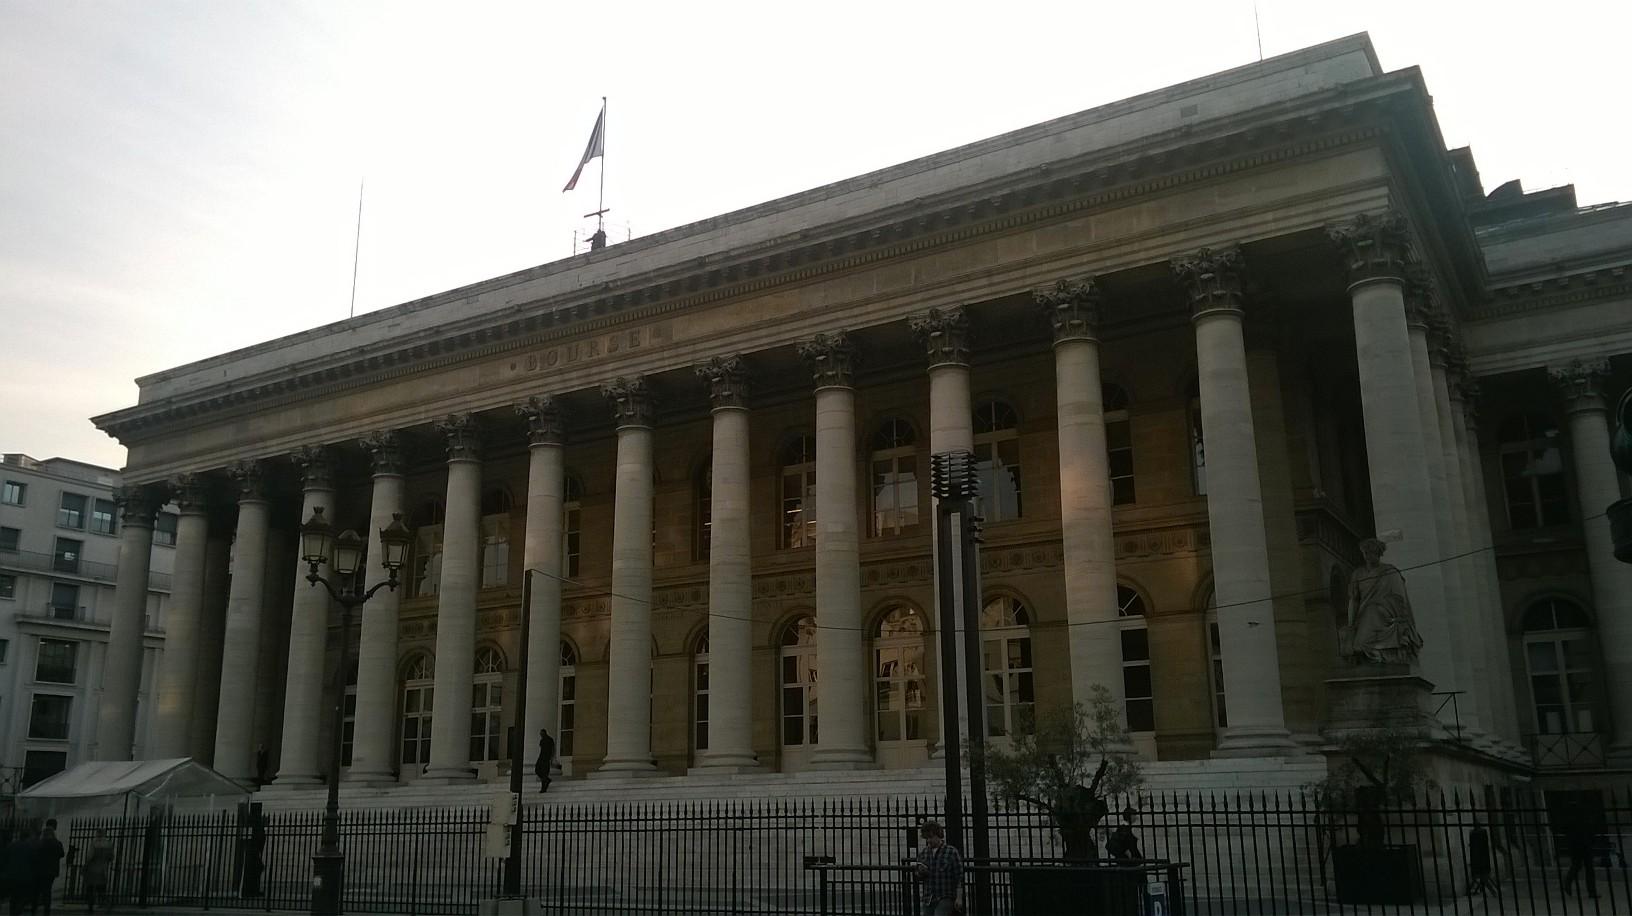 paris-palais-de-brongniart-front-sep16